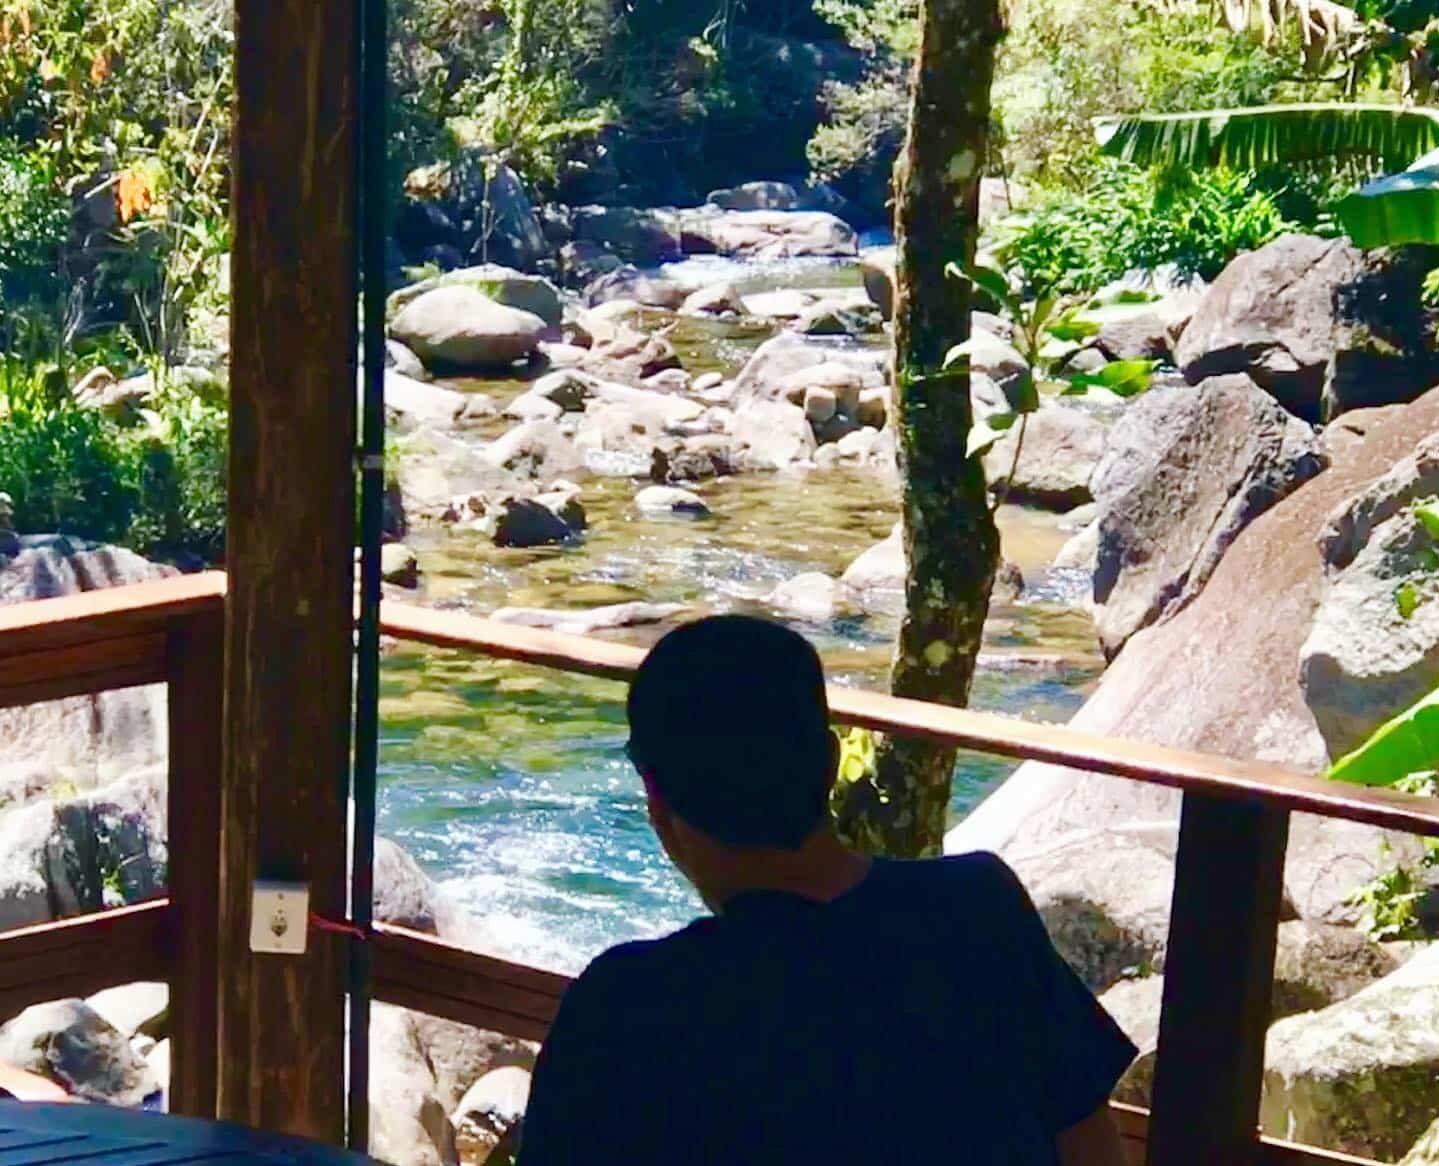 Homem sentado olhando para o rio de Visconde de Mauá